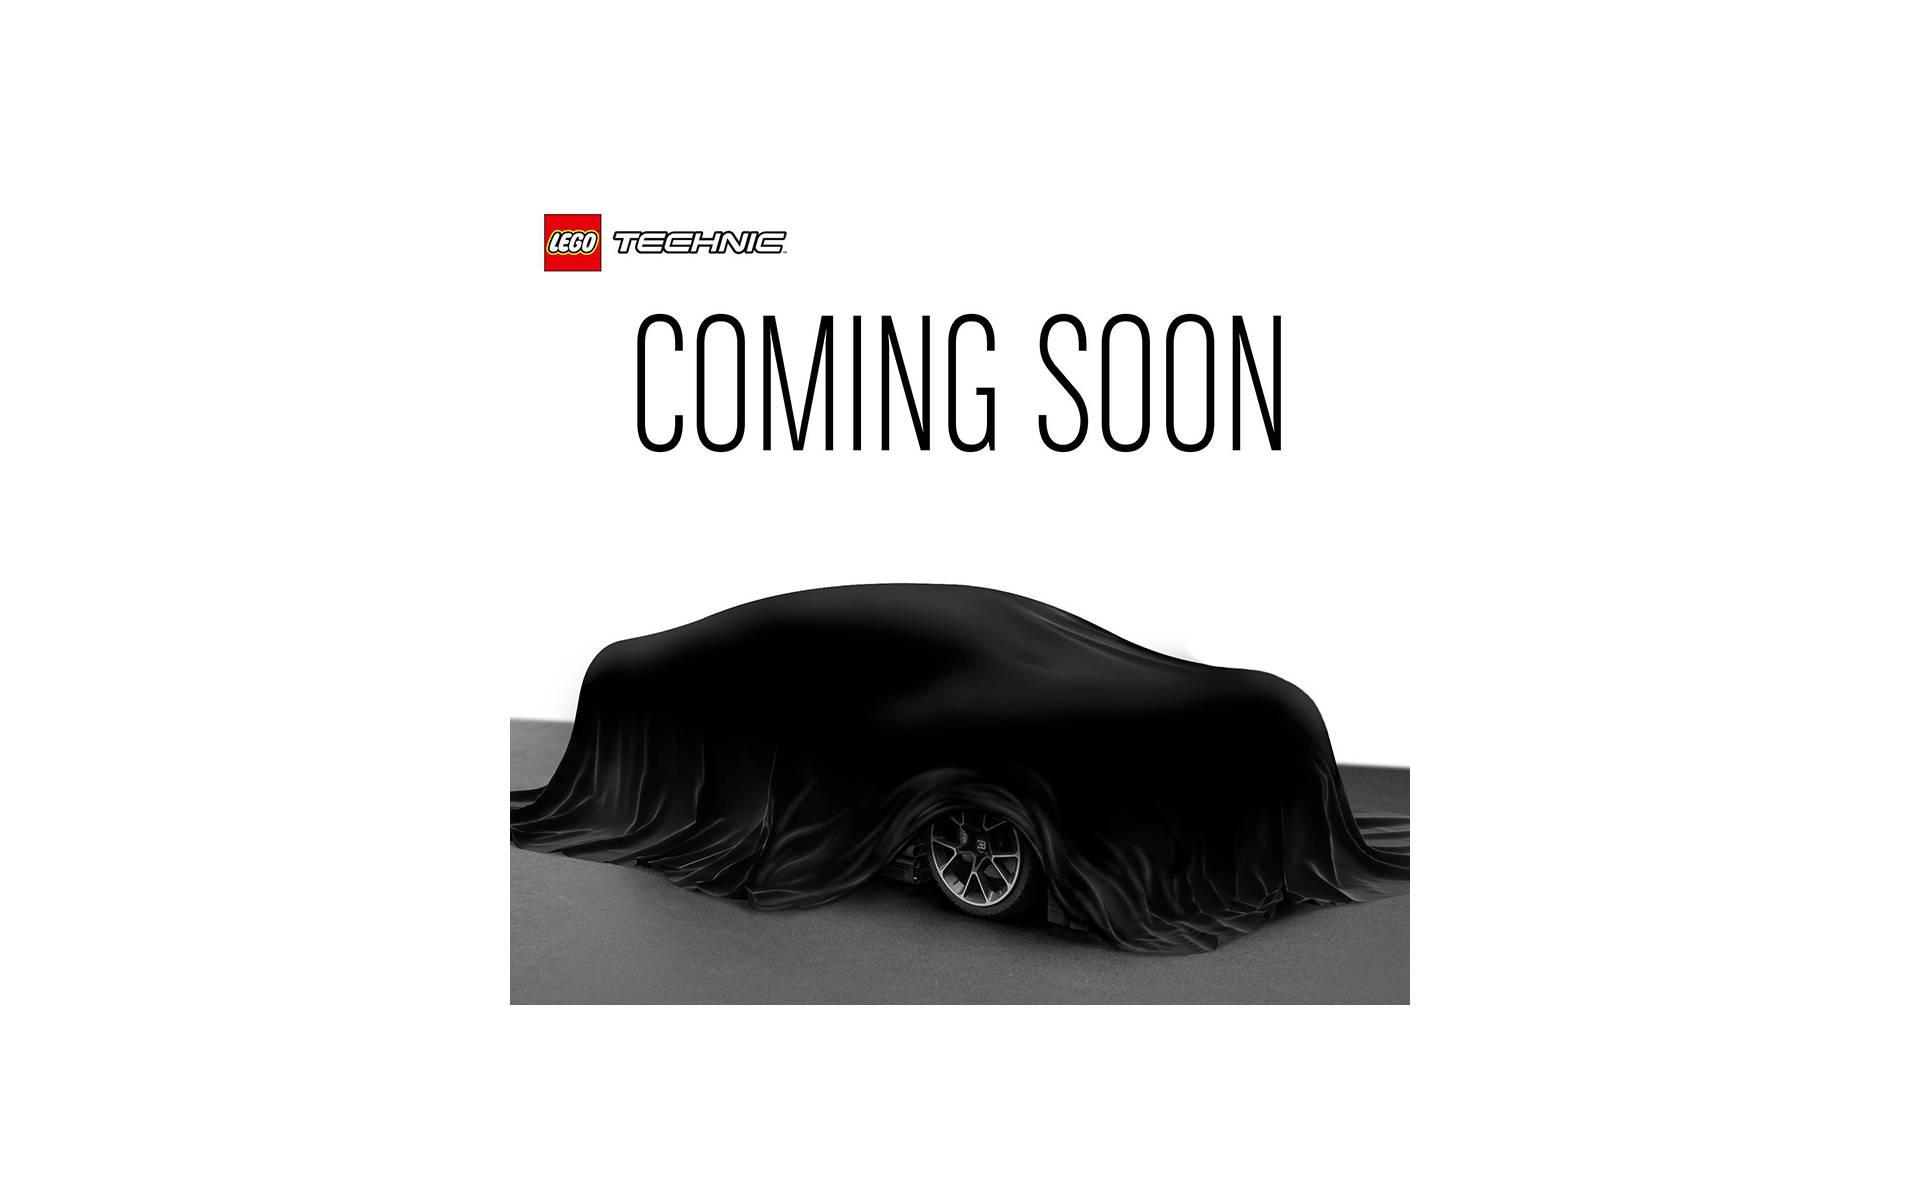 LEGO set Technic 2 wave 2020